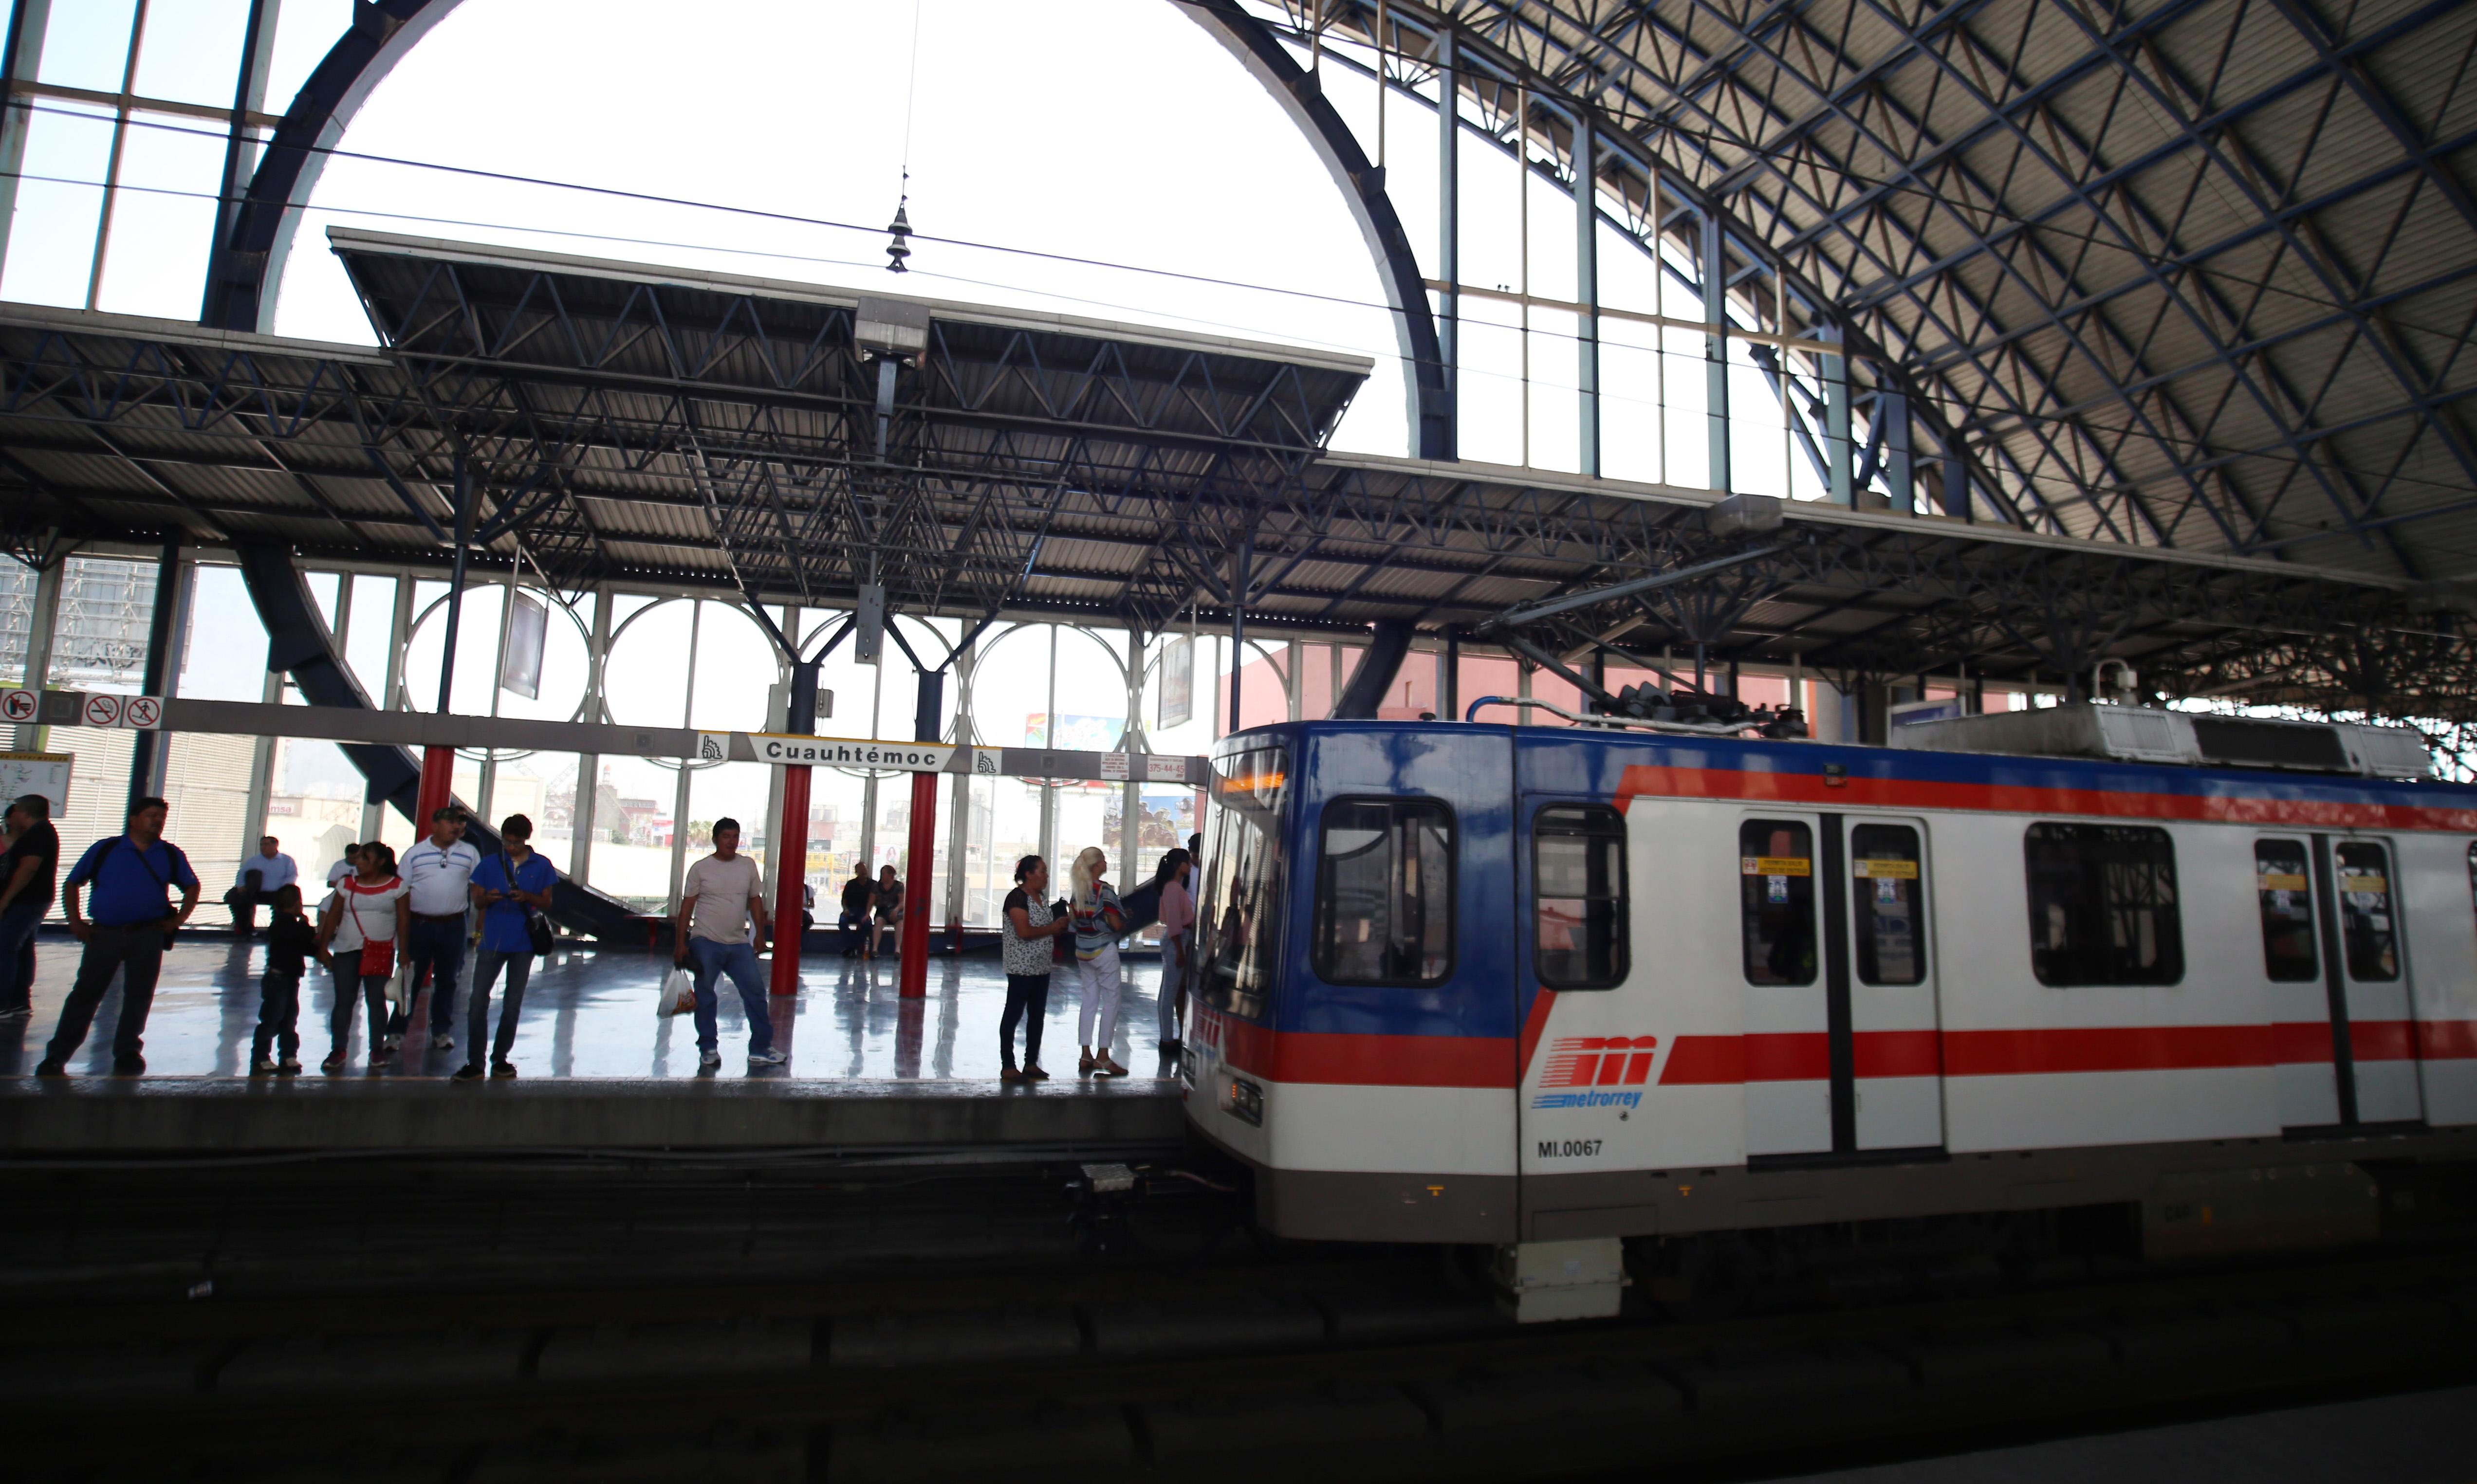 Pobre Metro pobre